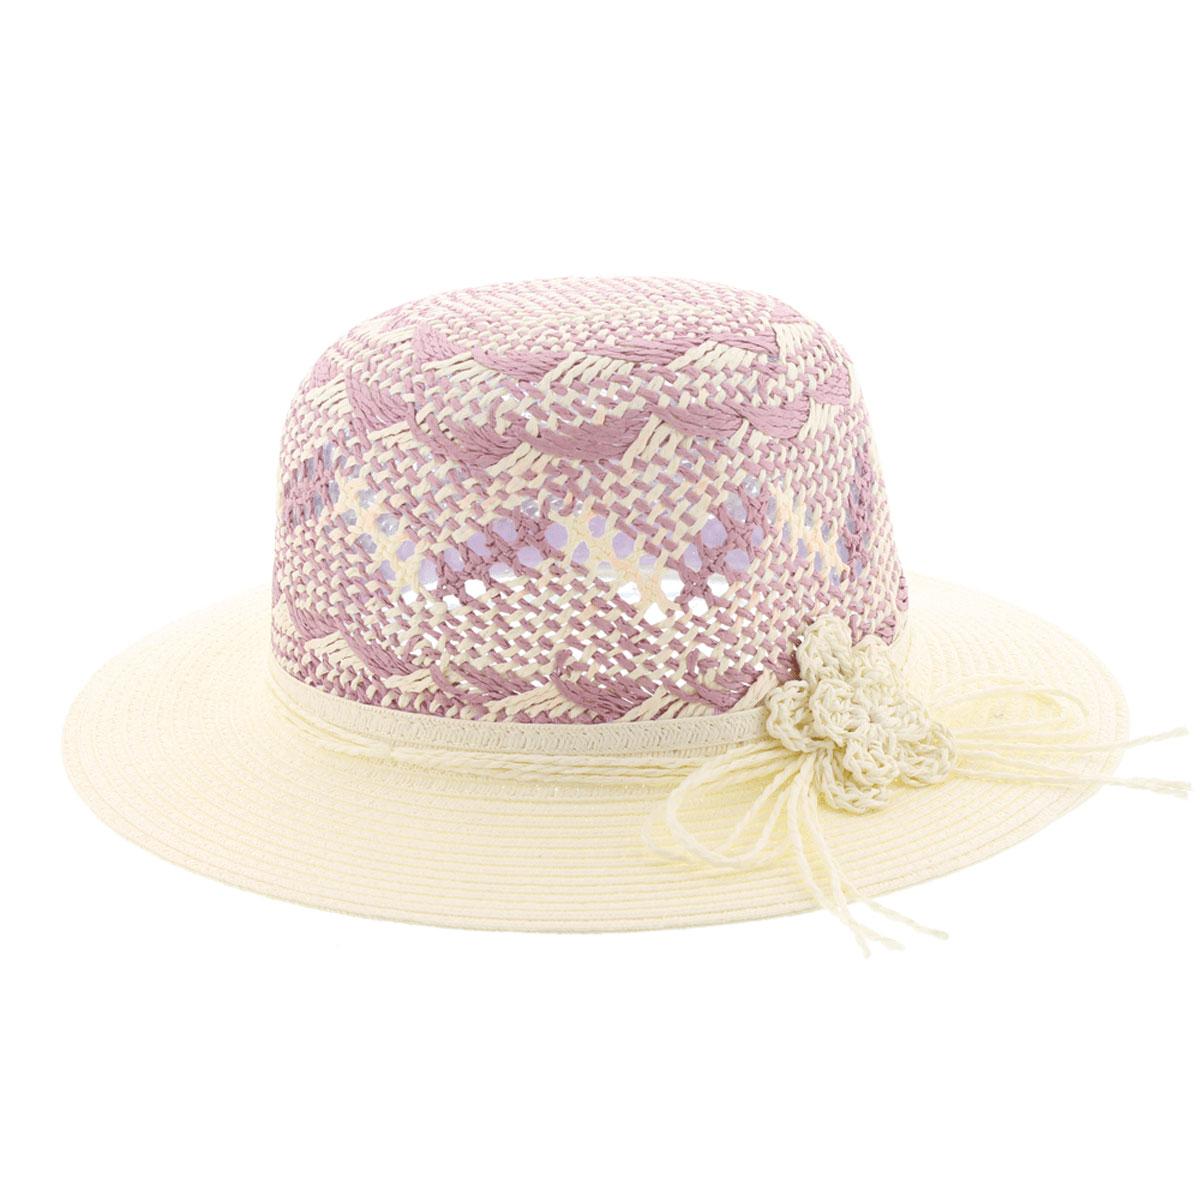 Шляпа женская Clara. 77-09877-098-32Летняя женская шляпа R.Mountain Clara станет незаменимым аксессуаром для пляжа и отдыха на природе. Такая шляпка не только защитит вас от солнца, но и станет стильным дополнением вашего образа. Шляпа оформлена небольшим металлическим логотипом фирмы и небольшим декоративным цветком. Плетение шляпы обеспечивает необходимую вентиляцию и комфорт даже в самый знойный день. Шляпа легко восстанавливает свою форму после сжатия. Эта элегантная легкая шляпка подчеркнет вашу неповторимость и дополнит ваш повседневный образ.